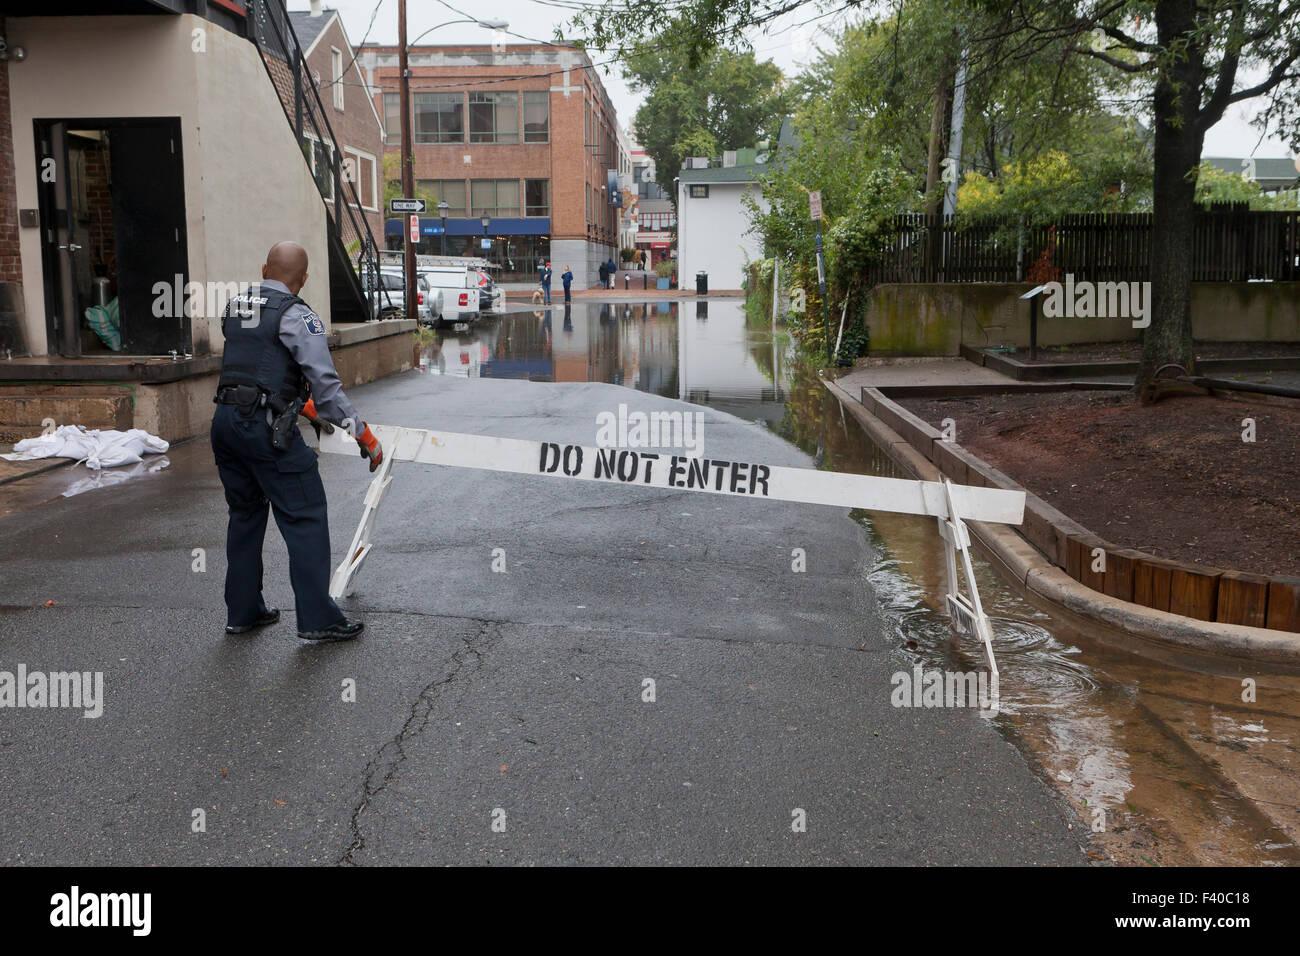 Policía bloqueando camino inundado - Alexandria, Virginia, EE.UU. Imagen De Stock